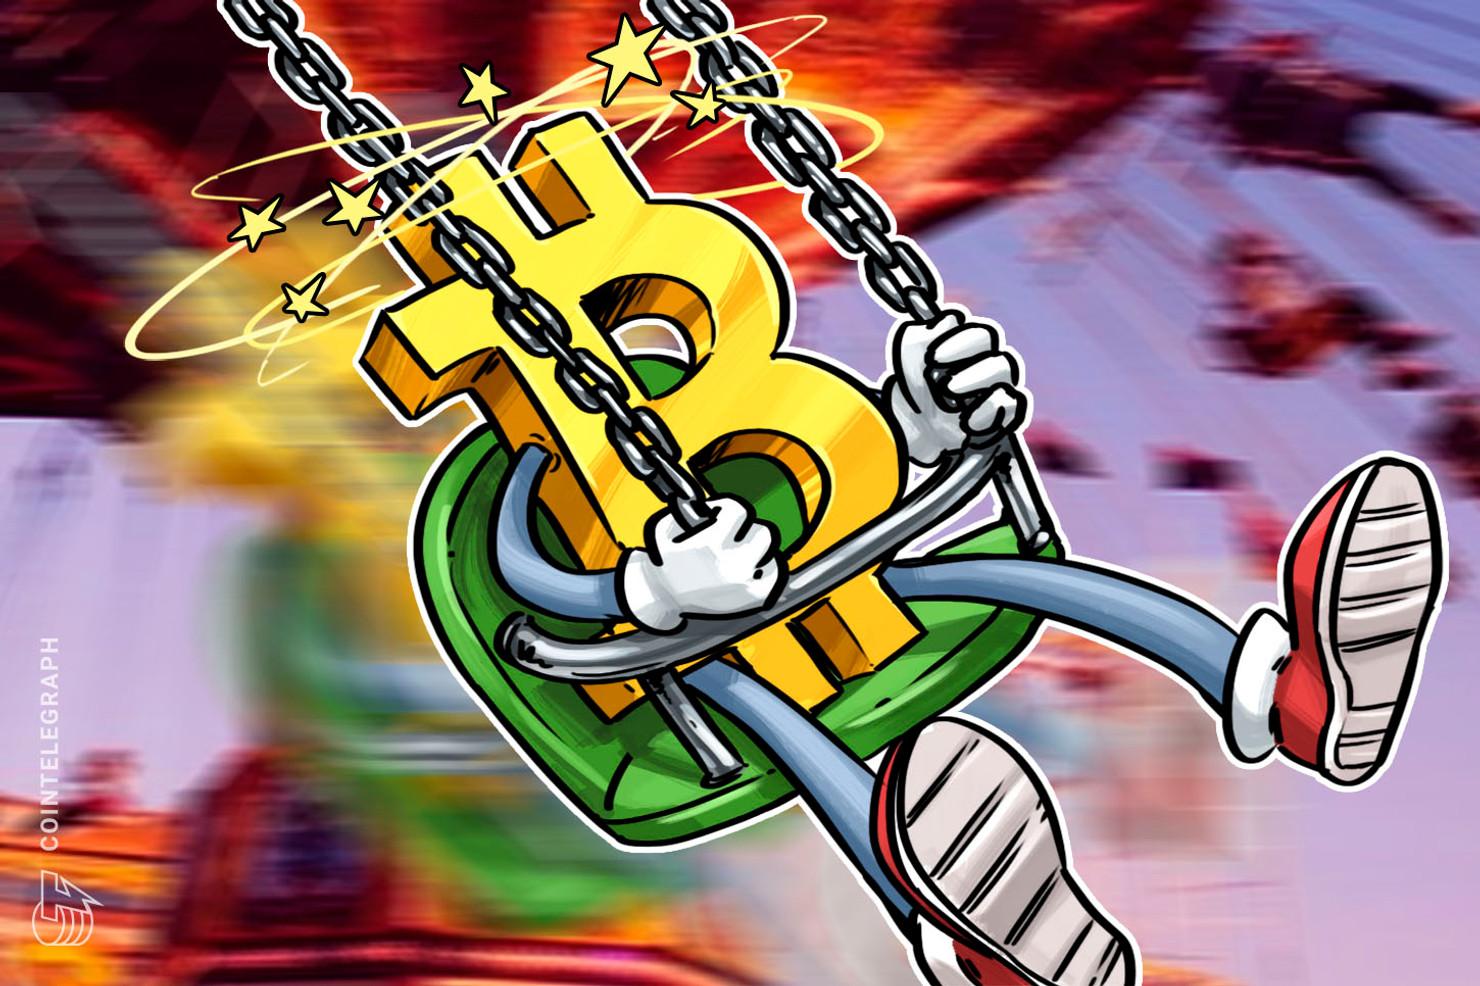 El precio de Bitcoin rechaza la marca de los USD 10,500 y baja USD 300 repentinamente